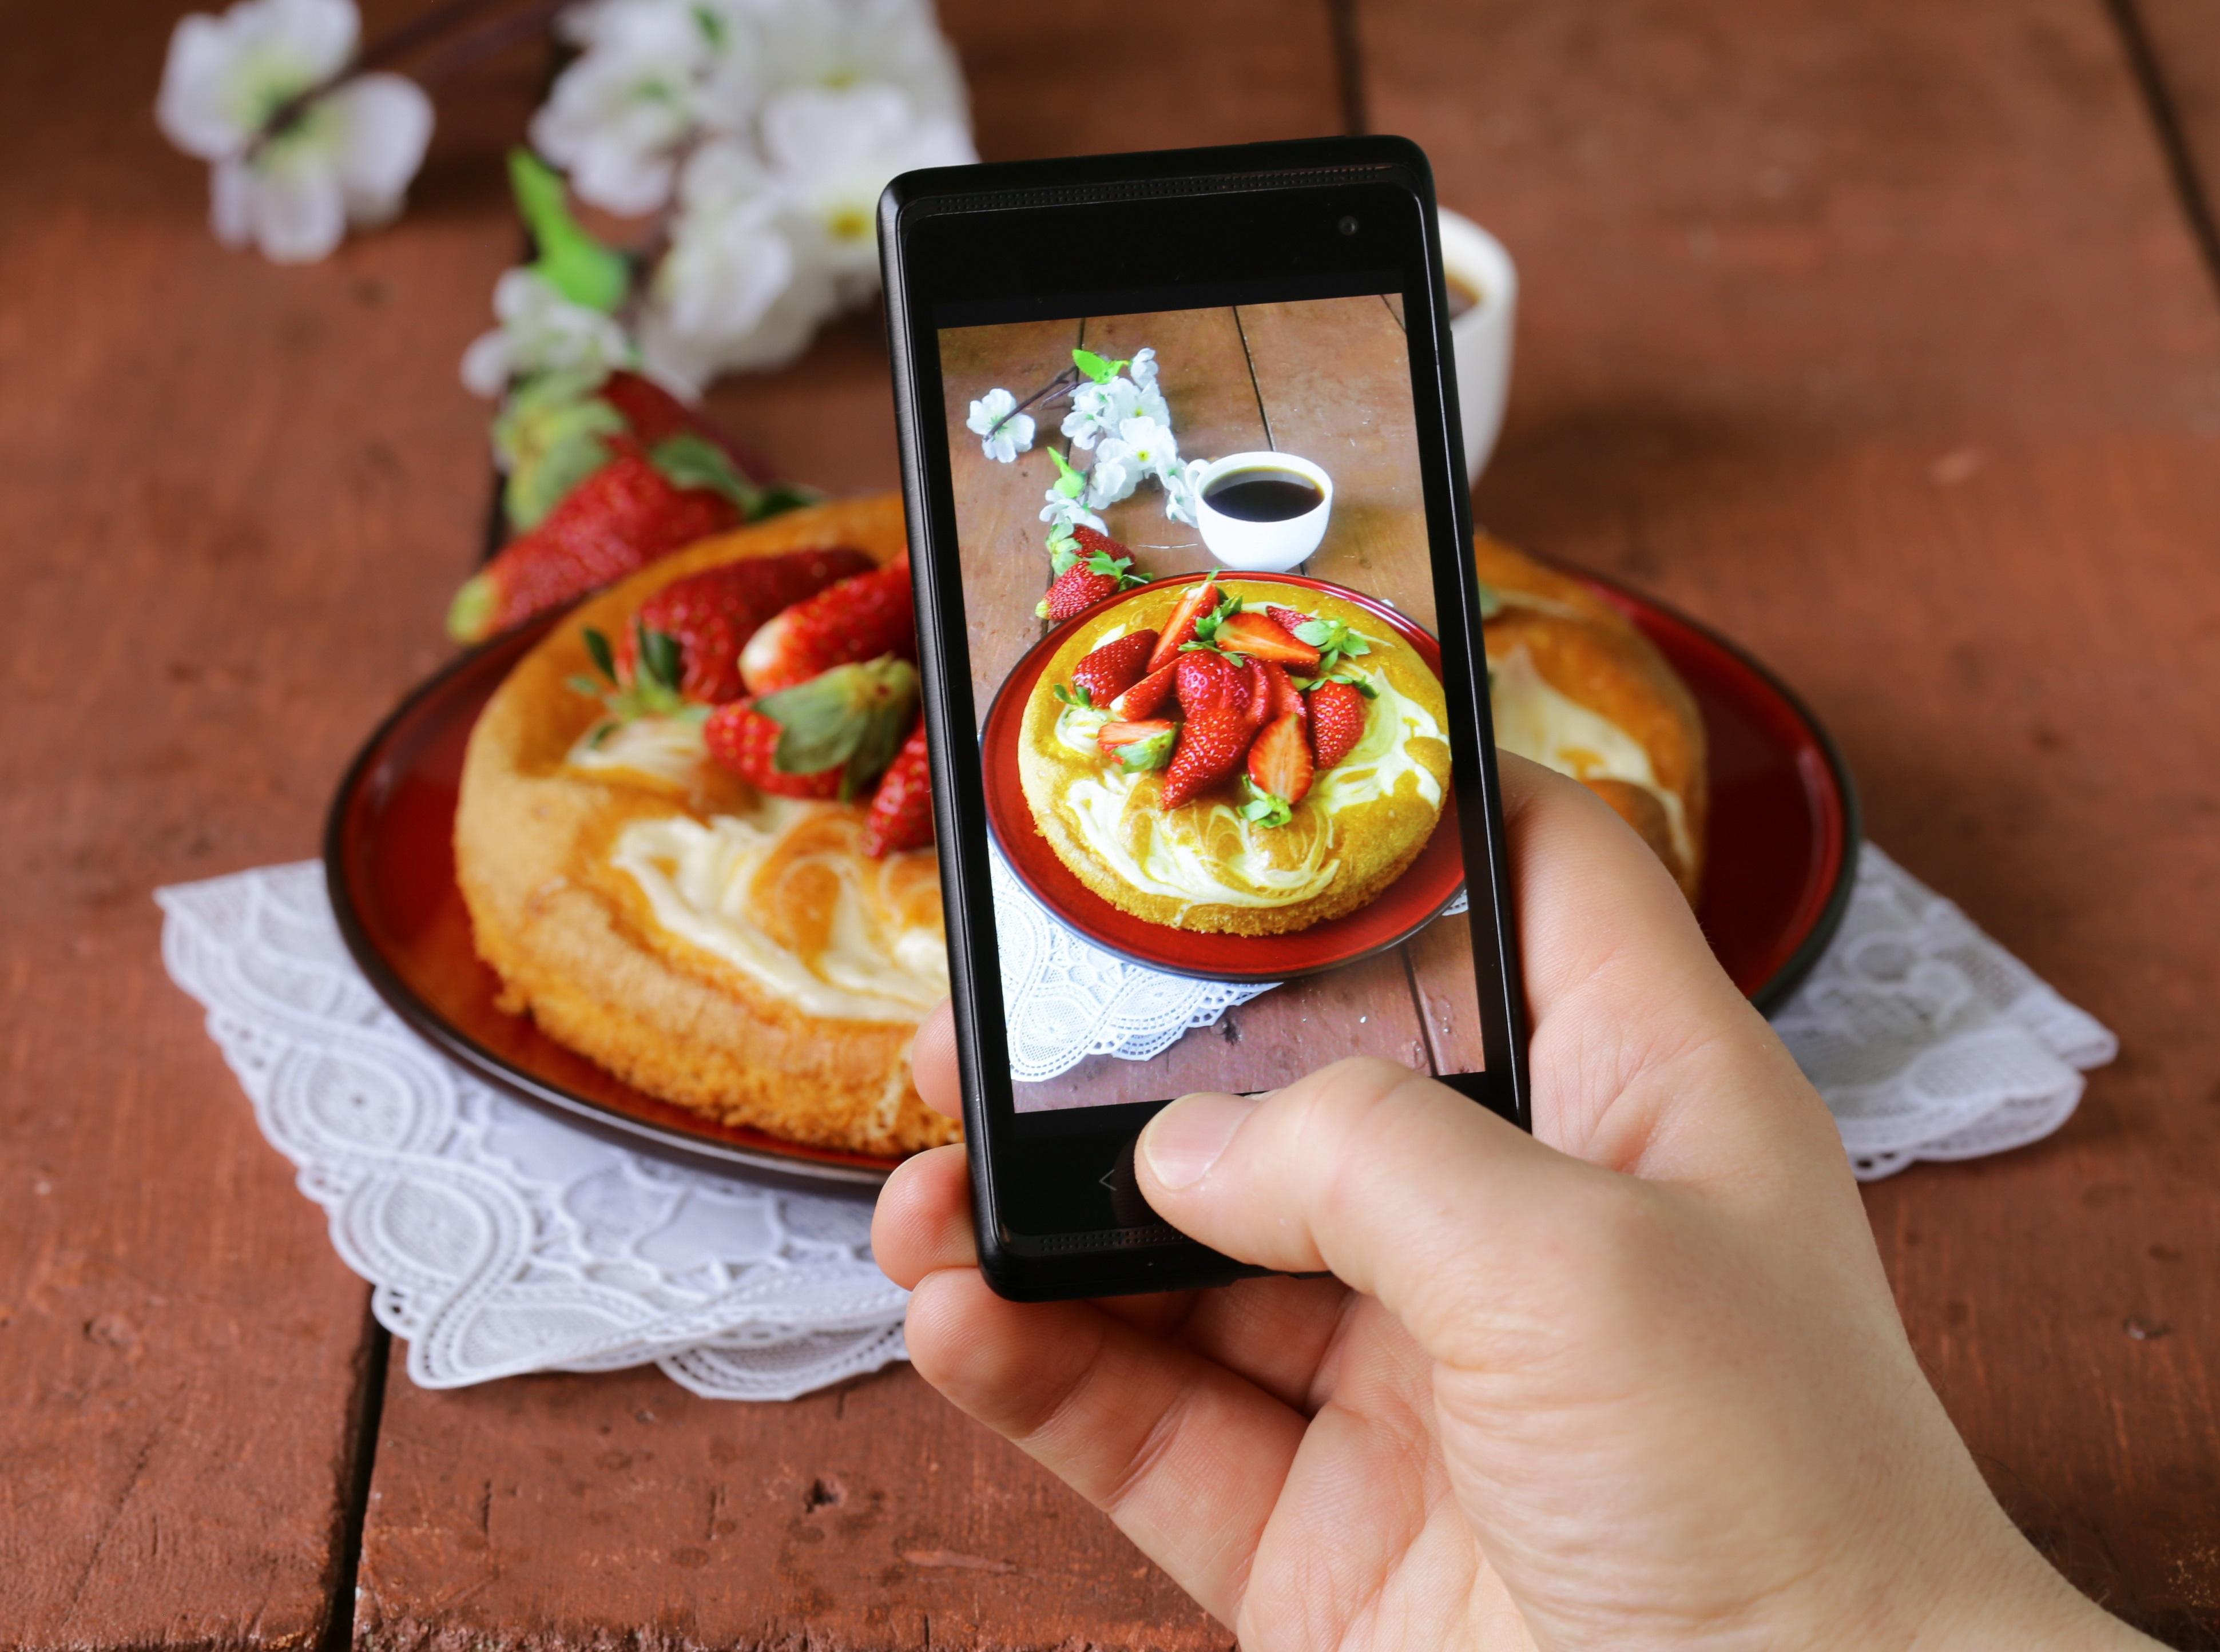 Как фотографировать еду для инстаграмма певица думает